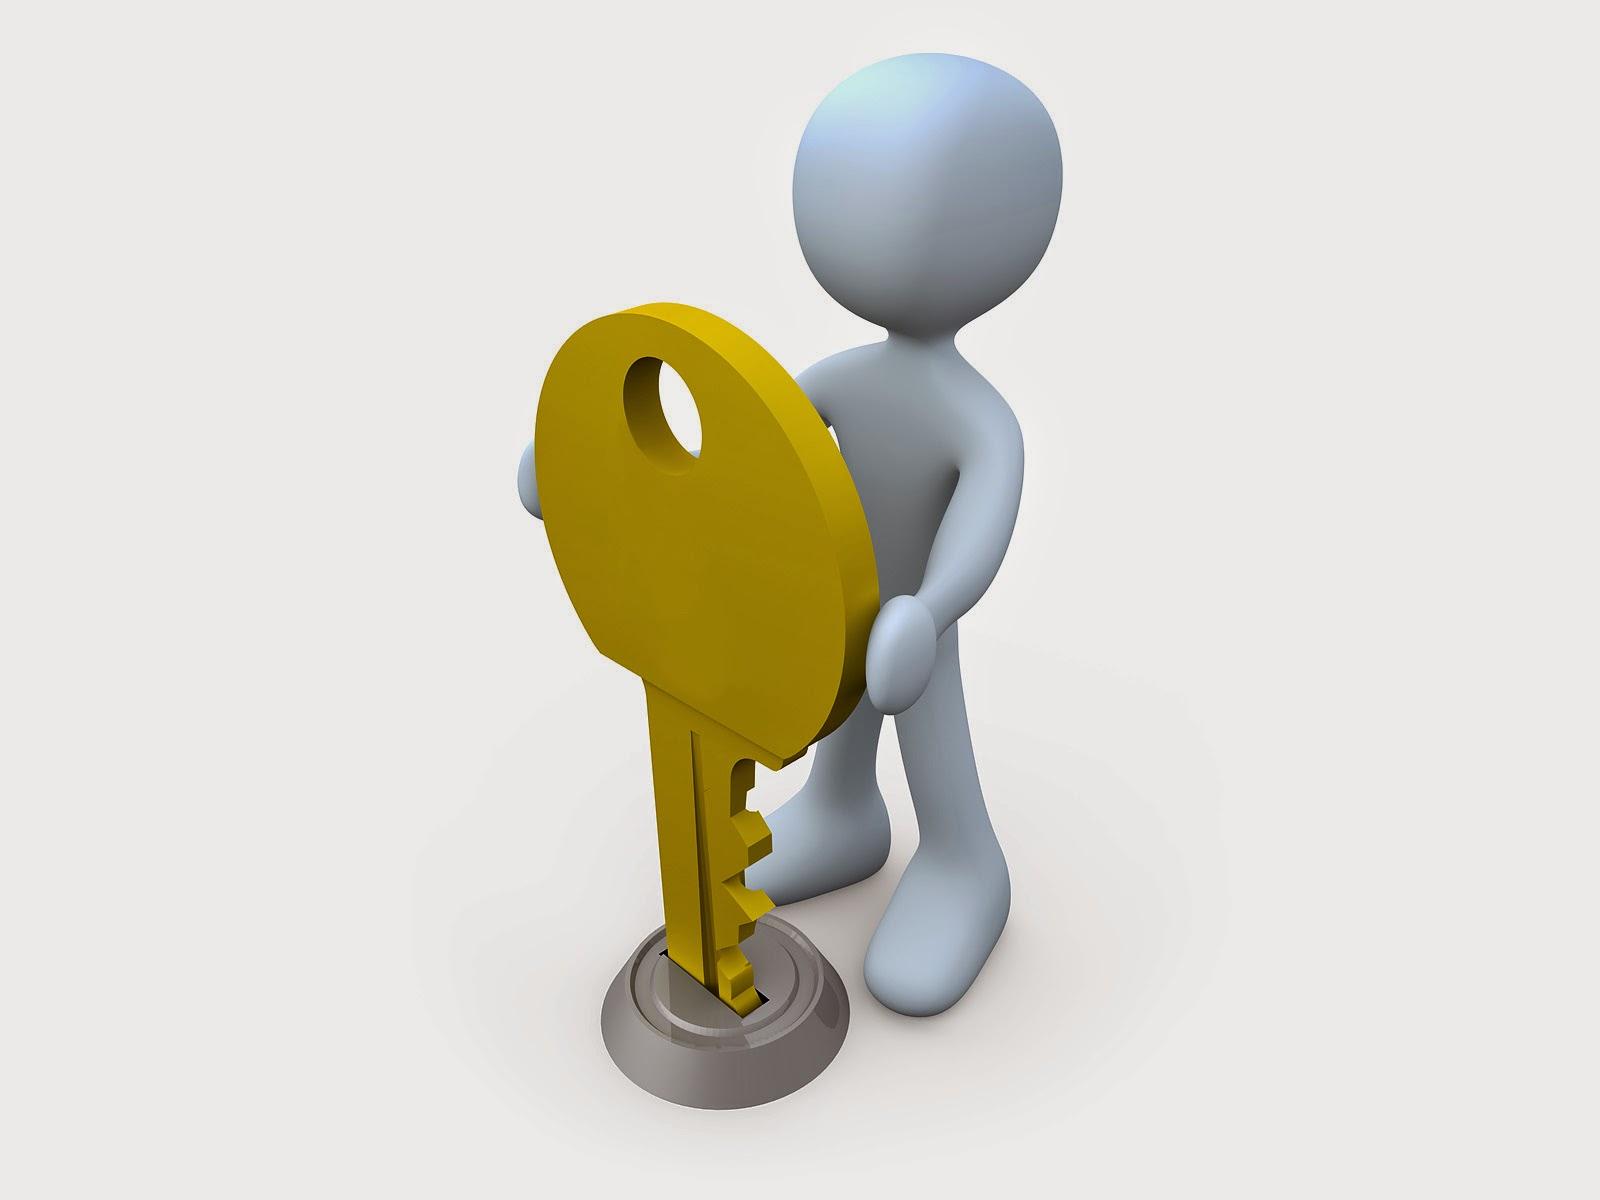 إعطاء المفتاح في المنام للرجل والمتزوجة والعزباء